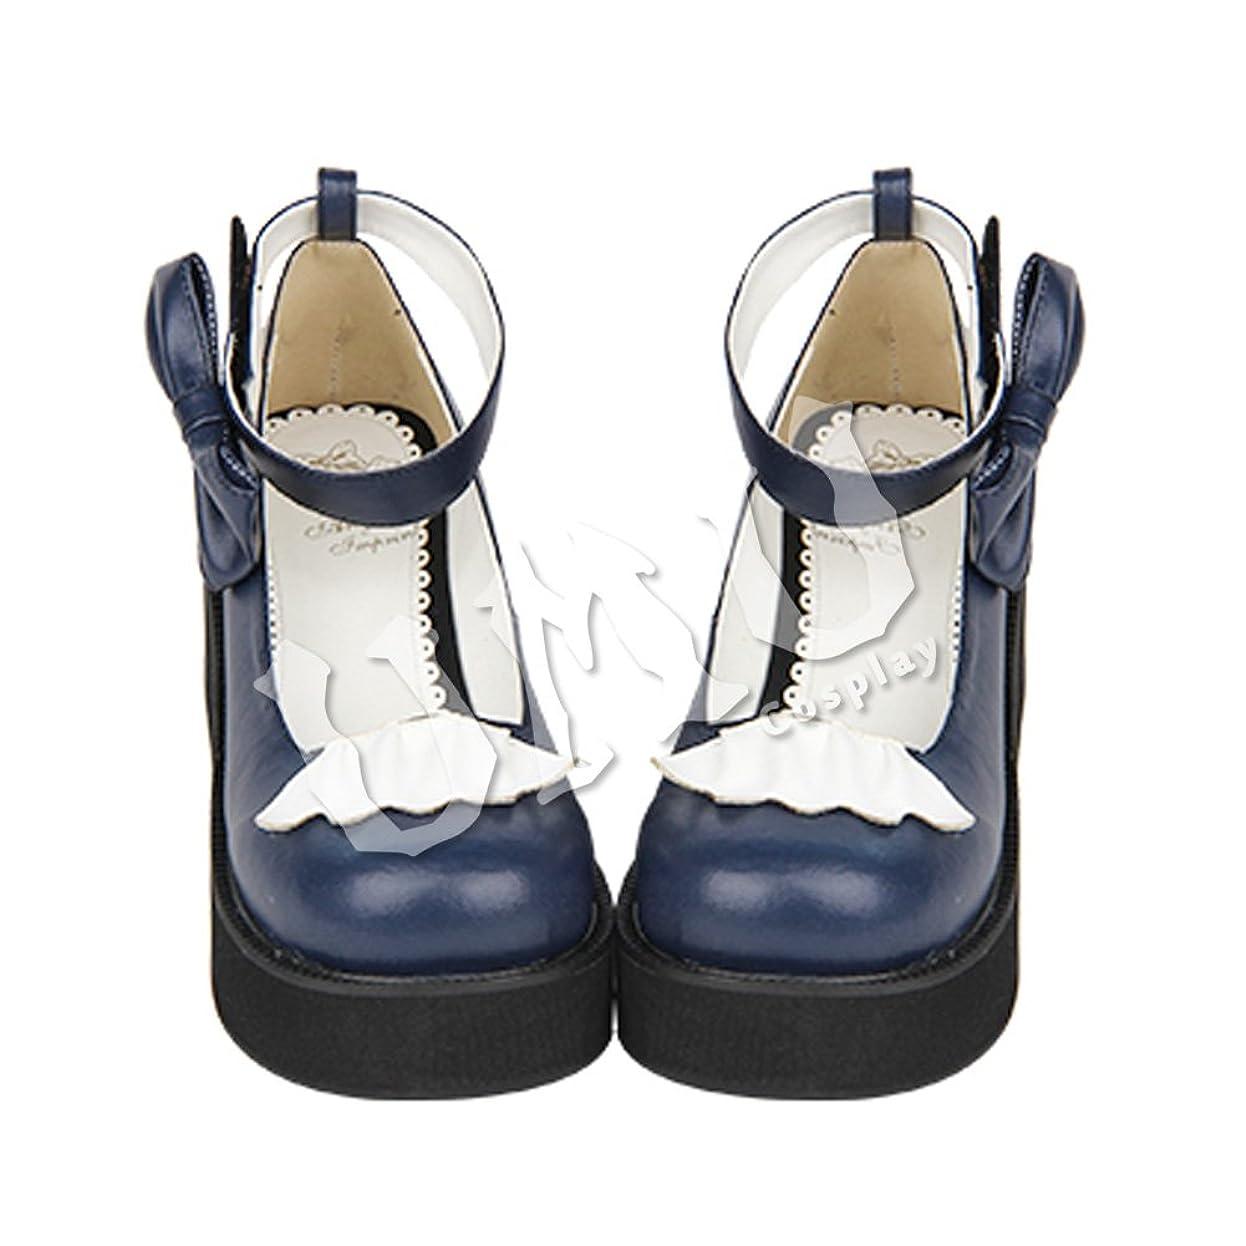 関税十分ではない一緒に【UMU】 足24.5cm LOLITA ロリータ 深青 白 リボン 風 靴 オーダーメイド(ヒール高、材質、靴色は変更可能!)